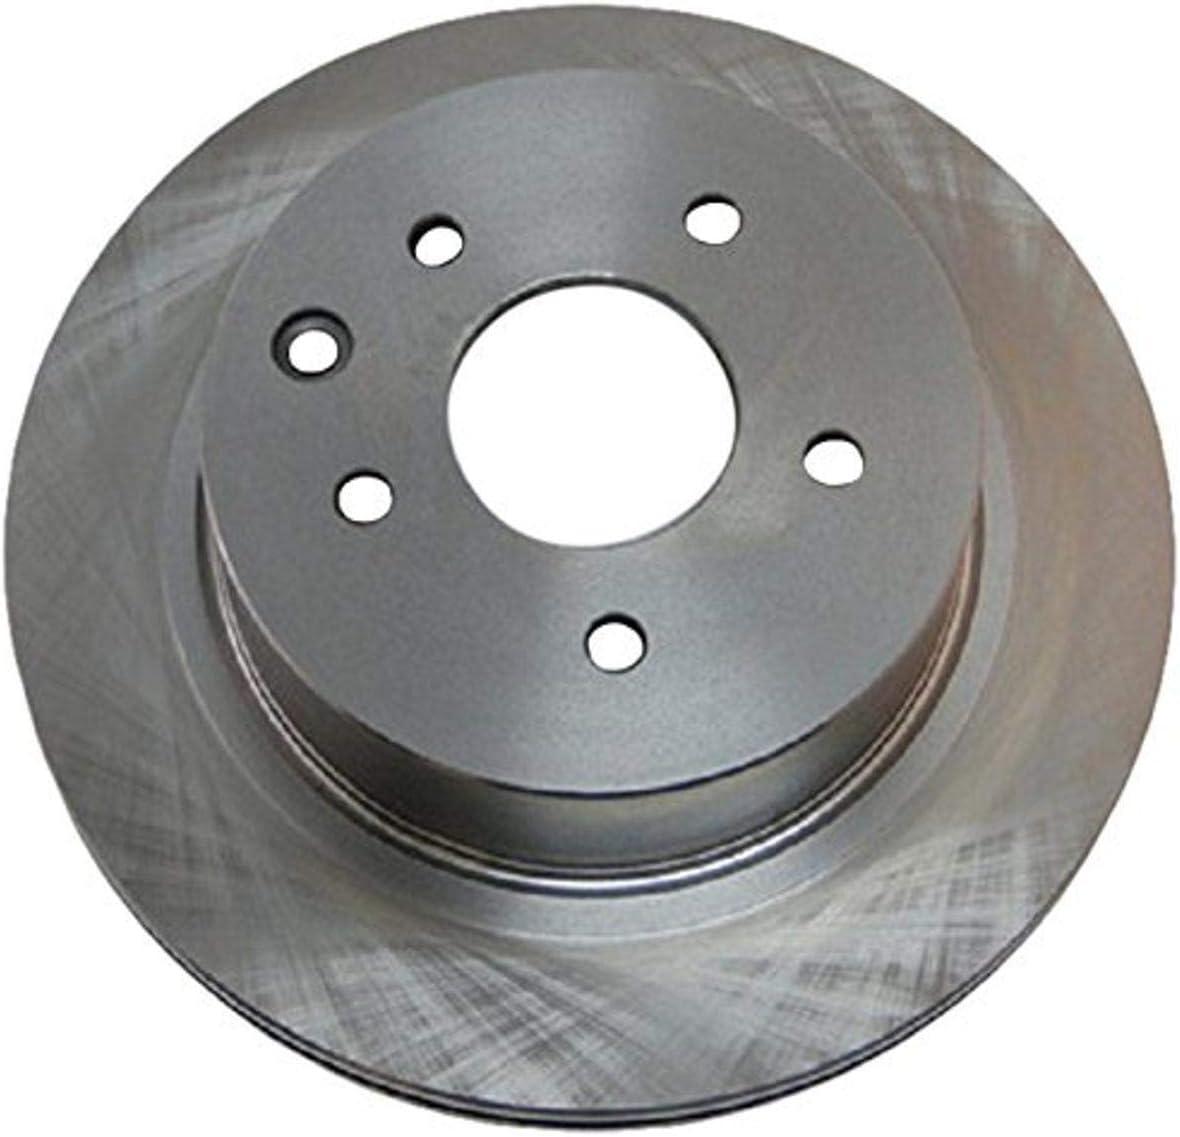 Bendix PDR0719 Brake Drum